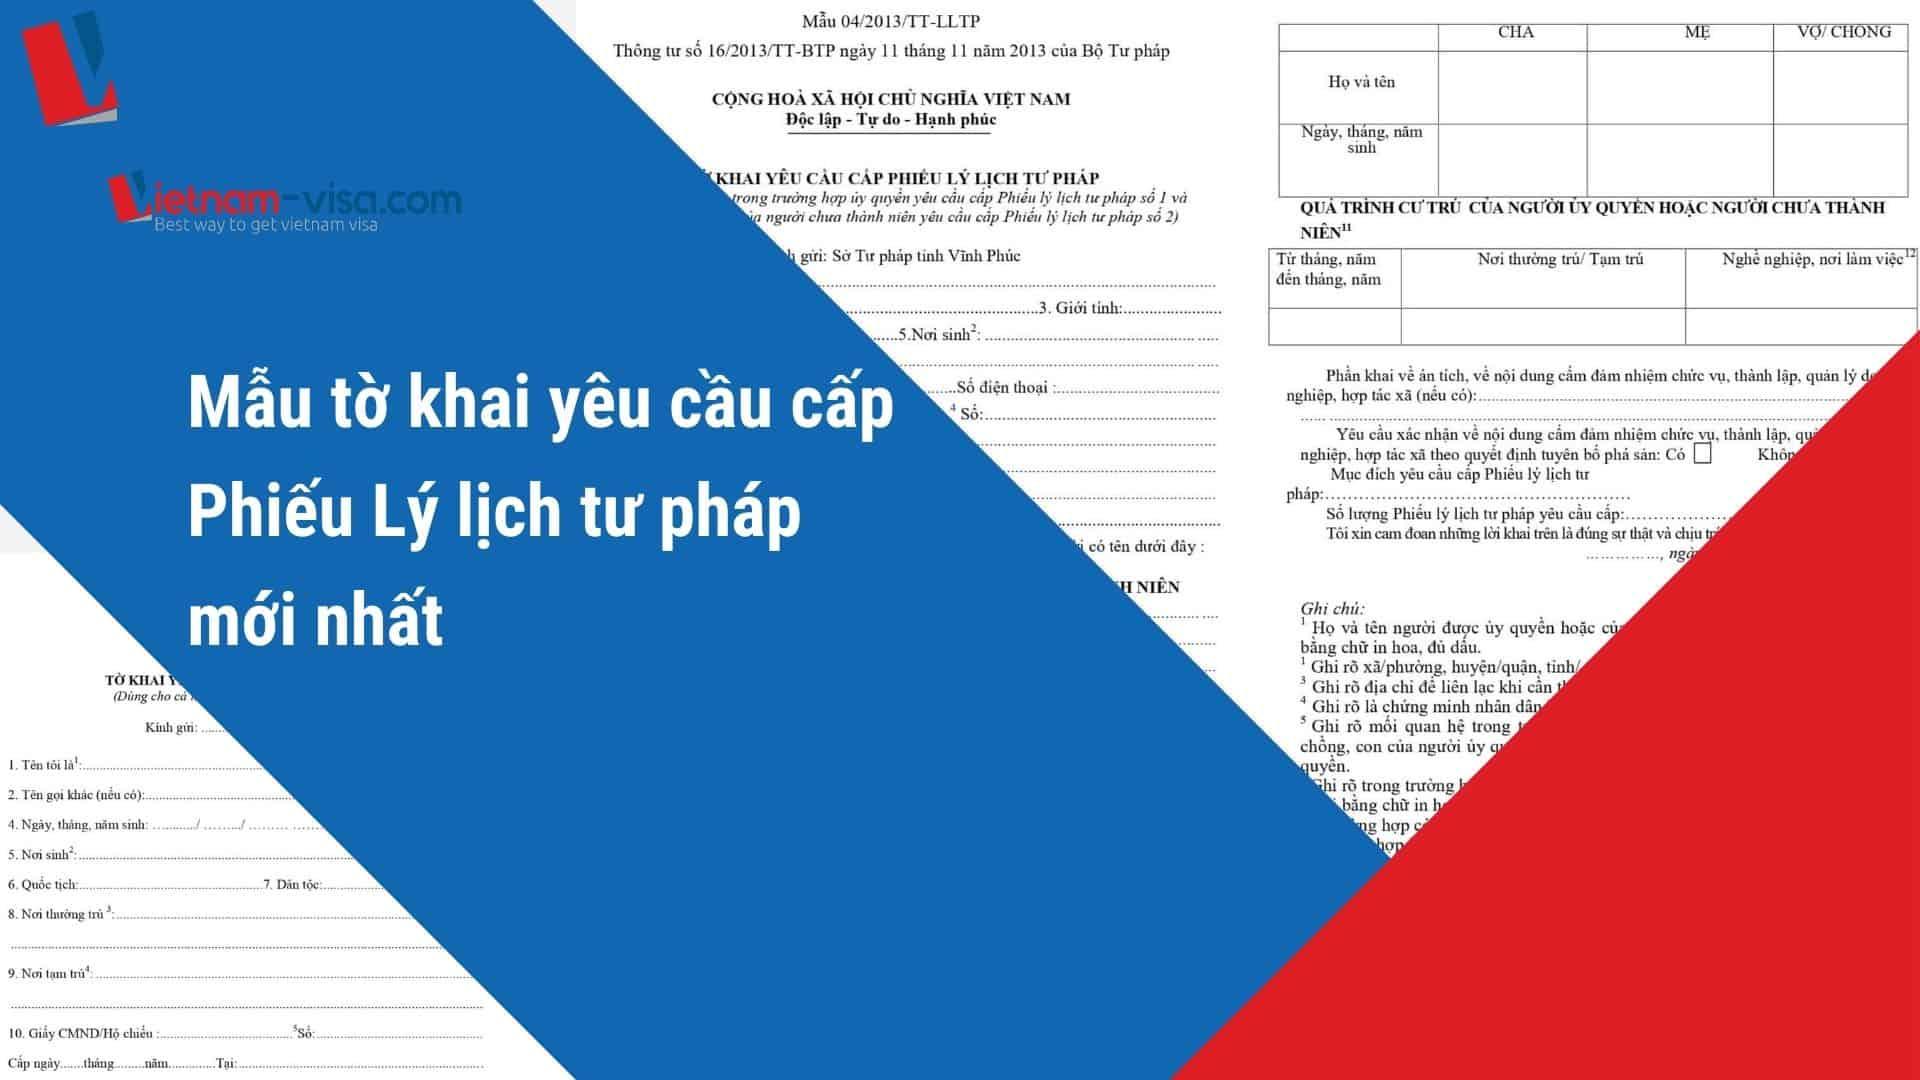 Mẫu tờ khai yêu cầu cấp phiếu lý lịch tư pháp số 1 và số 2 mới nhất